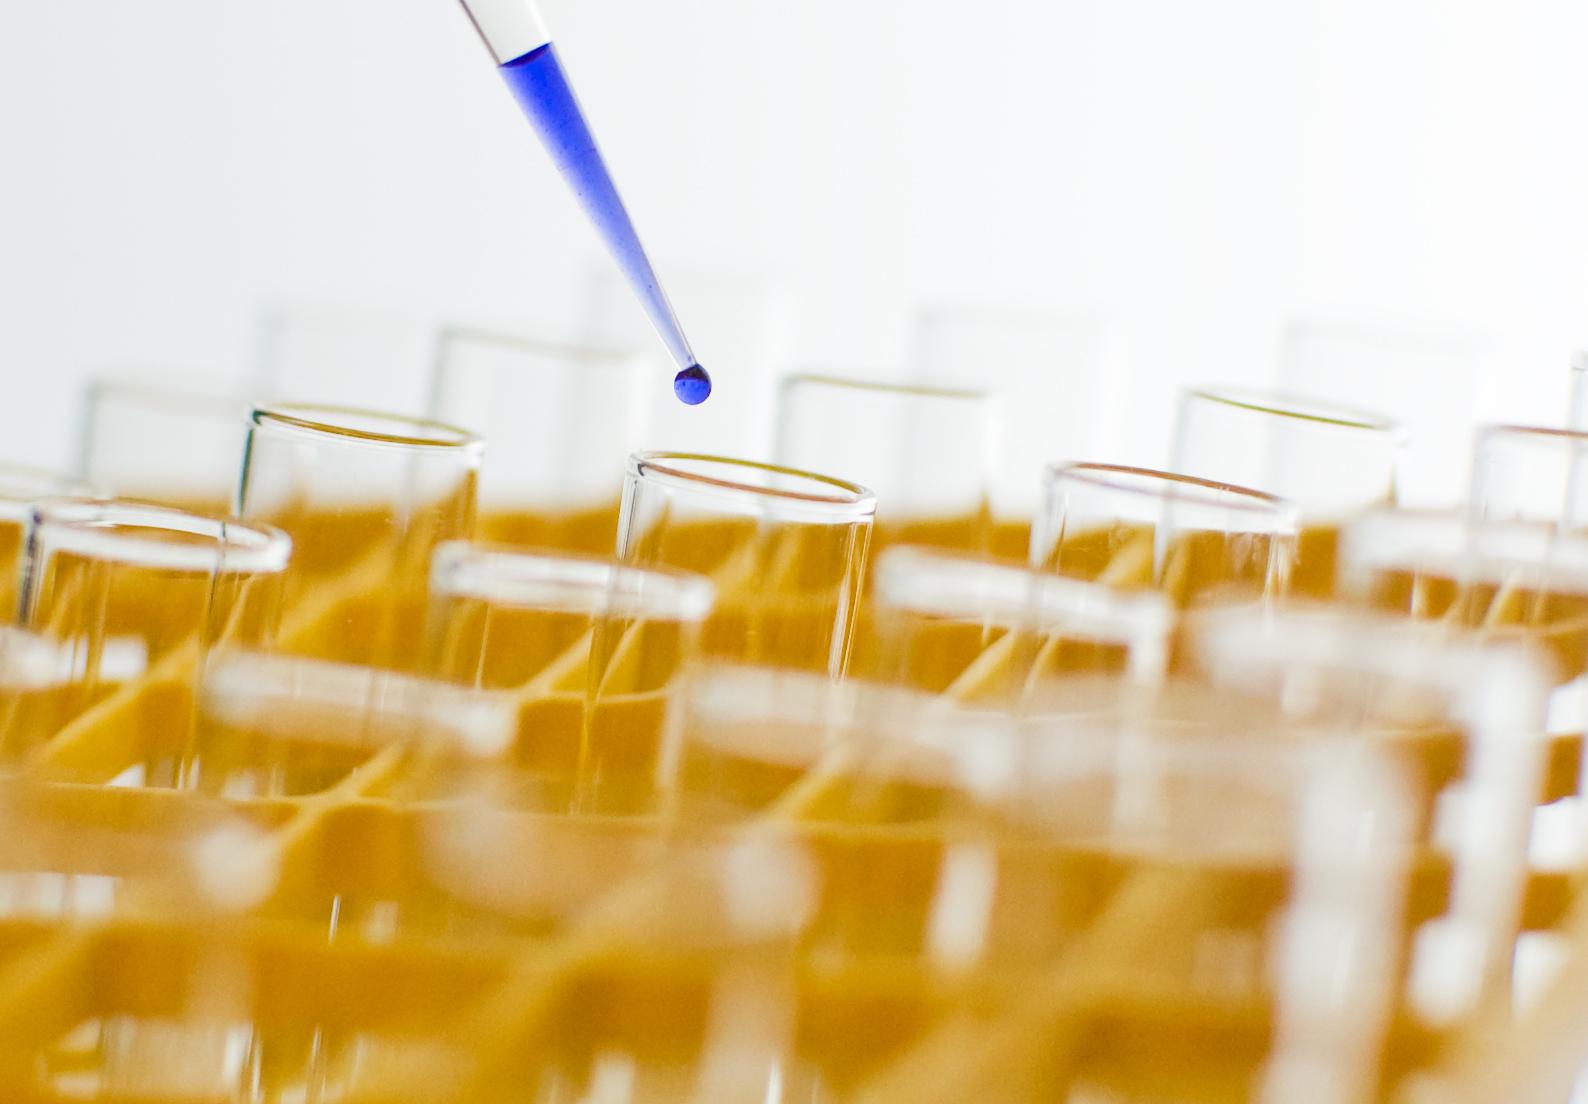 The benefits of R&D tax relief versus grants